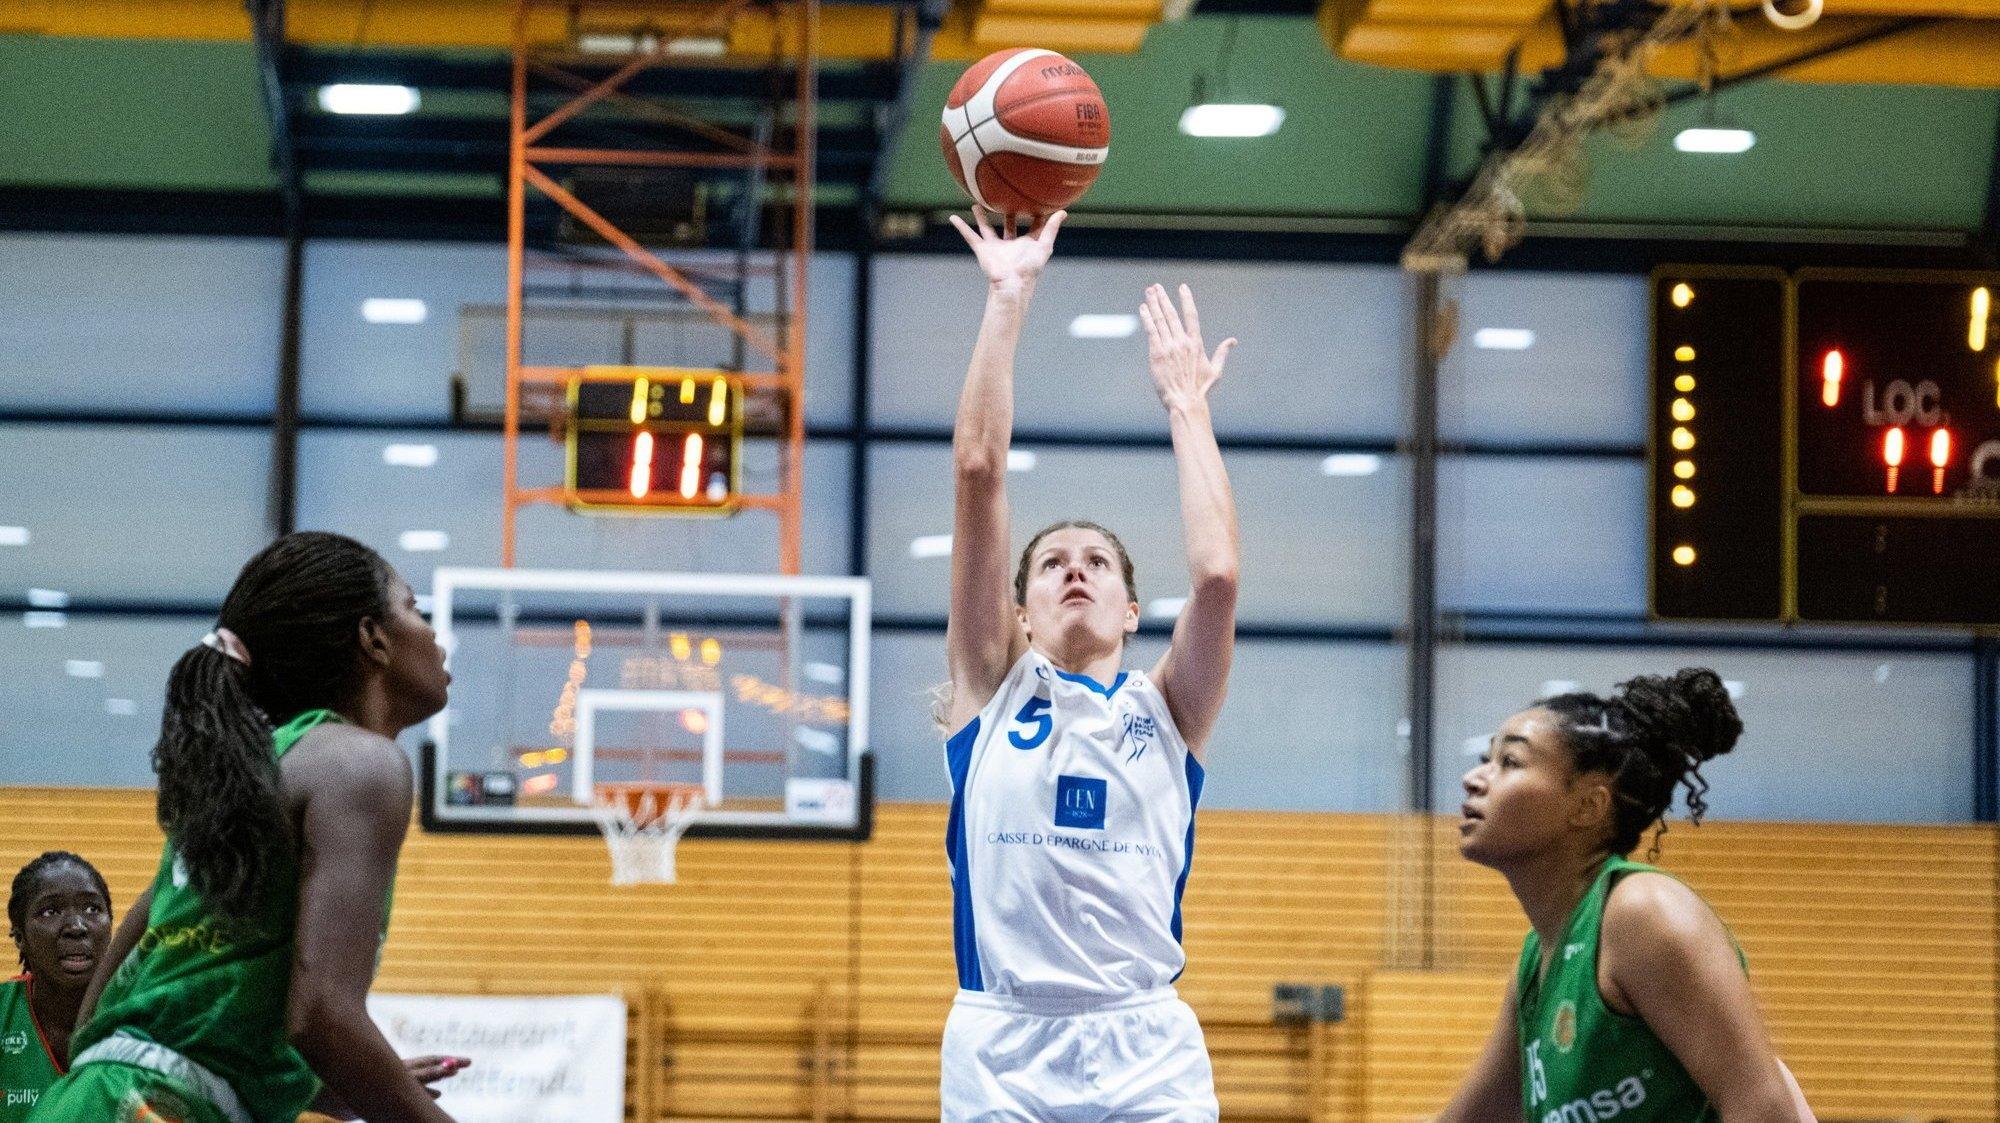 Coupe de Suisse: les clubs de basket nyonnais vernis au tirage